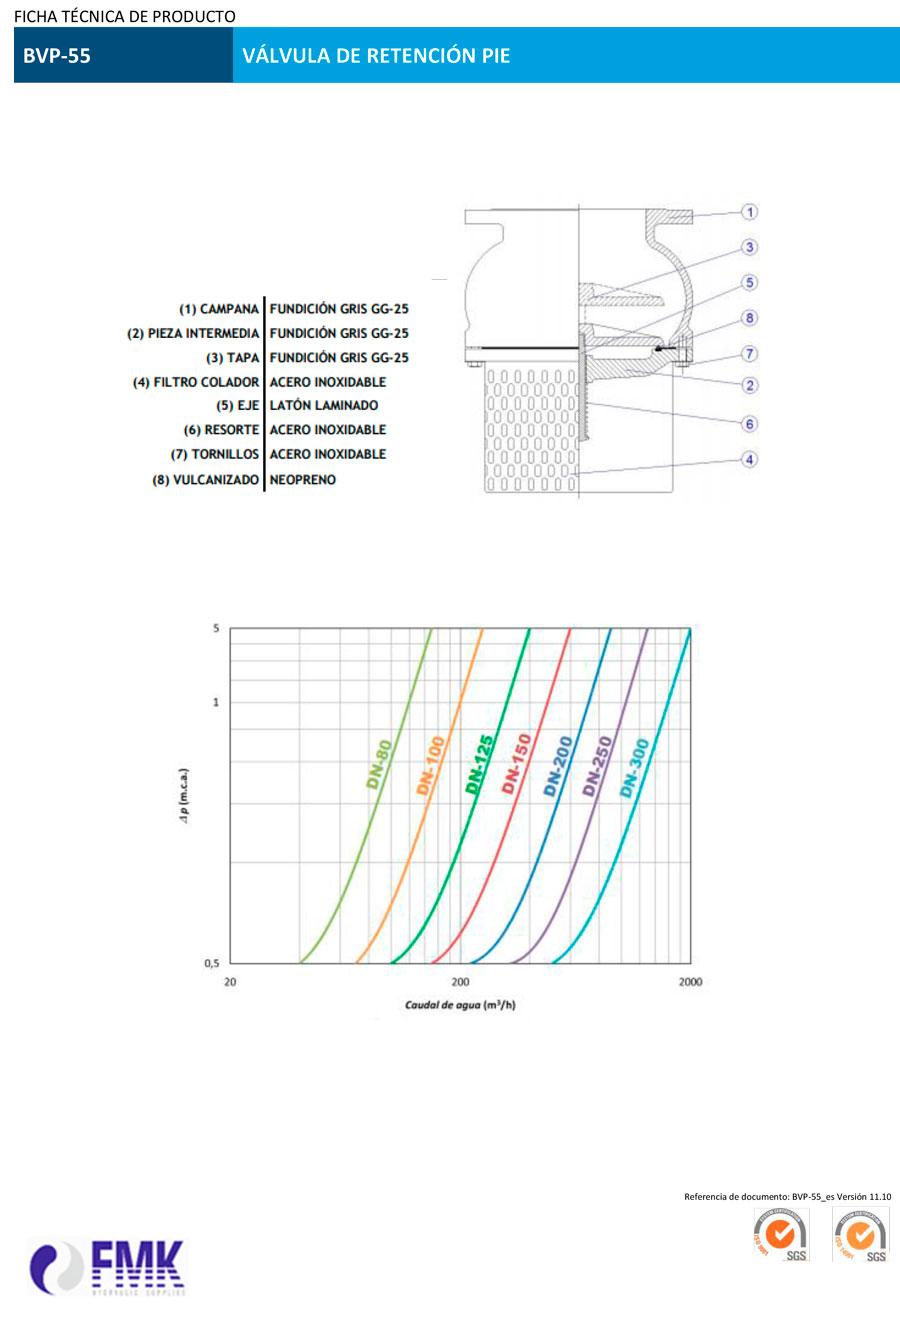 fmk-hydraulica-valvula-de-retención-pie-BVP-55-ficha-tecnica-2